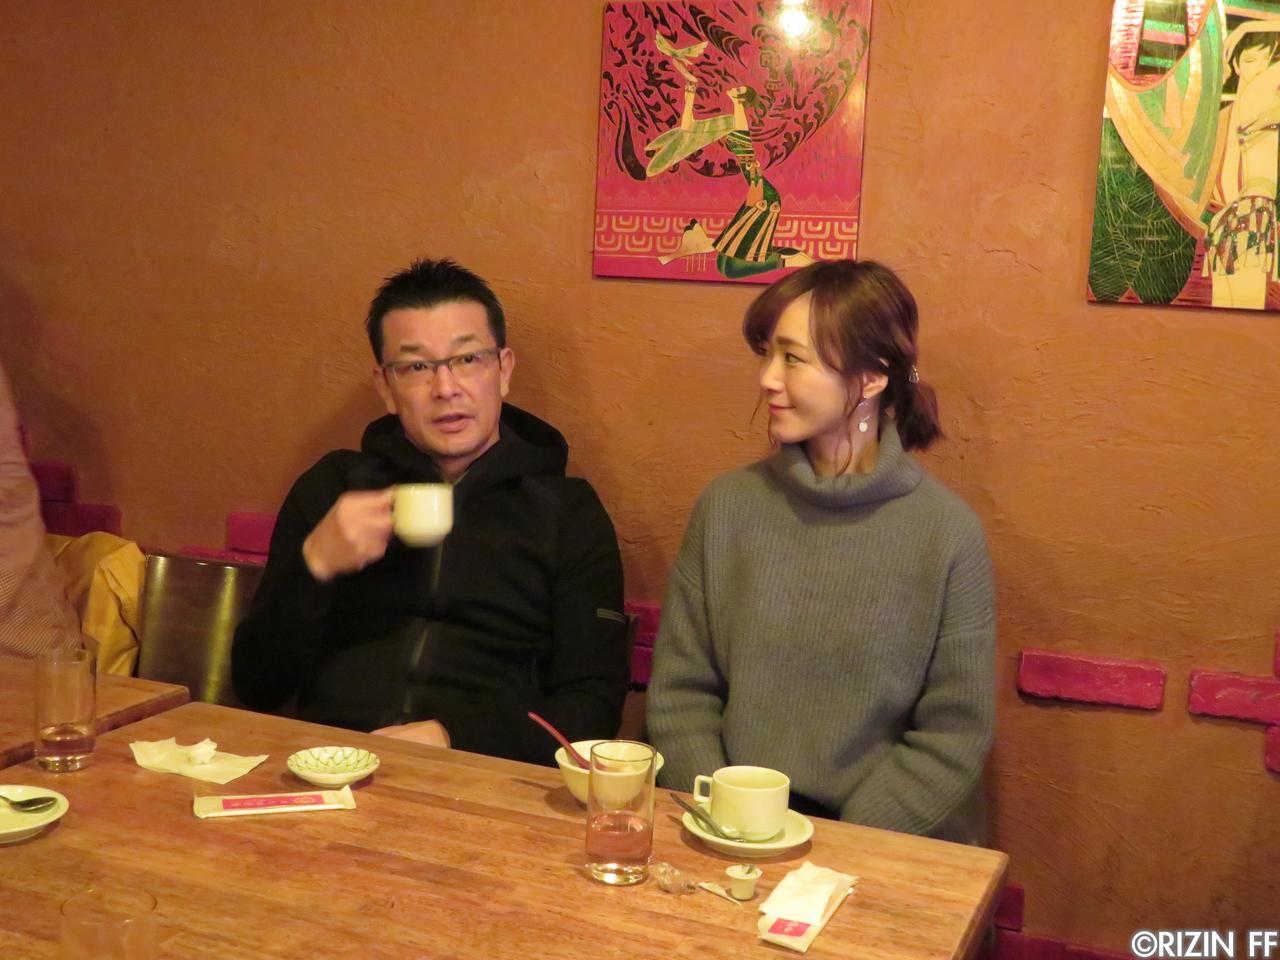 画像2: 第1回 RIZINランチミーティング 榊原信行 VS. 強者ノ巣会員!?